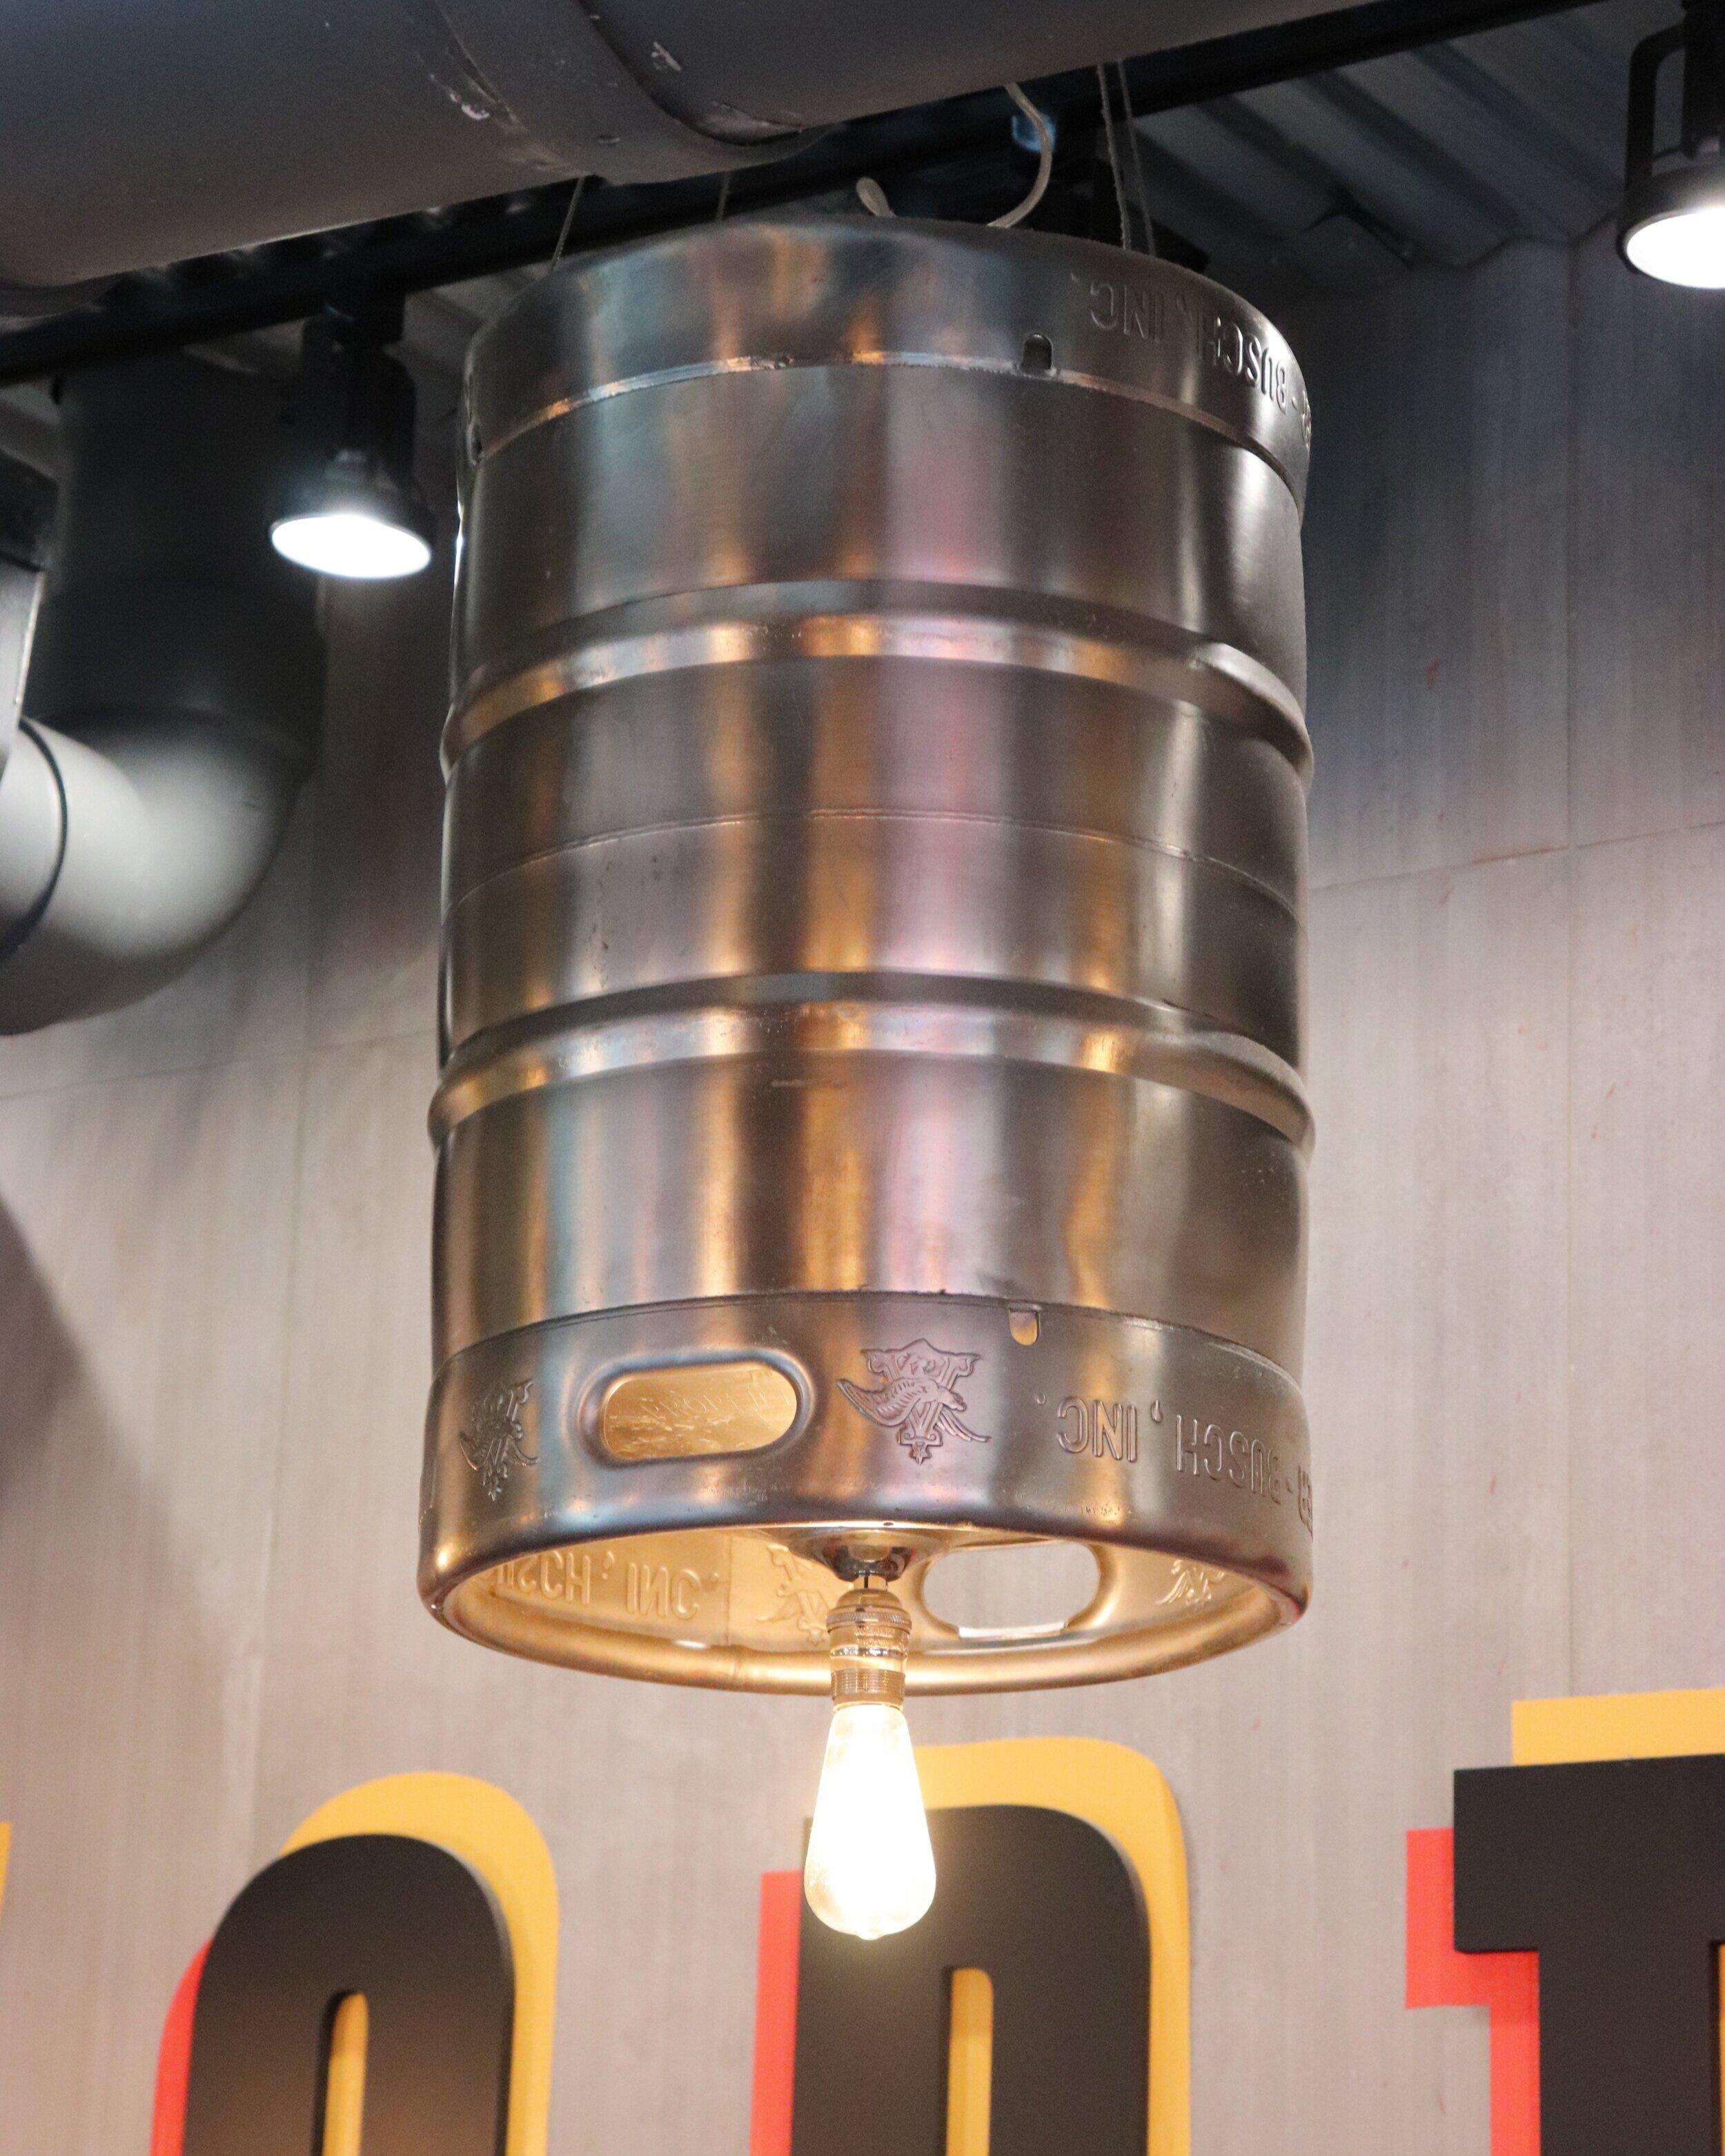 A cool keg lamp.